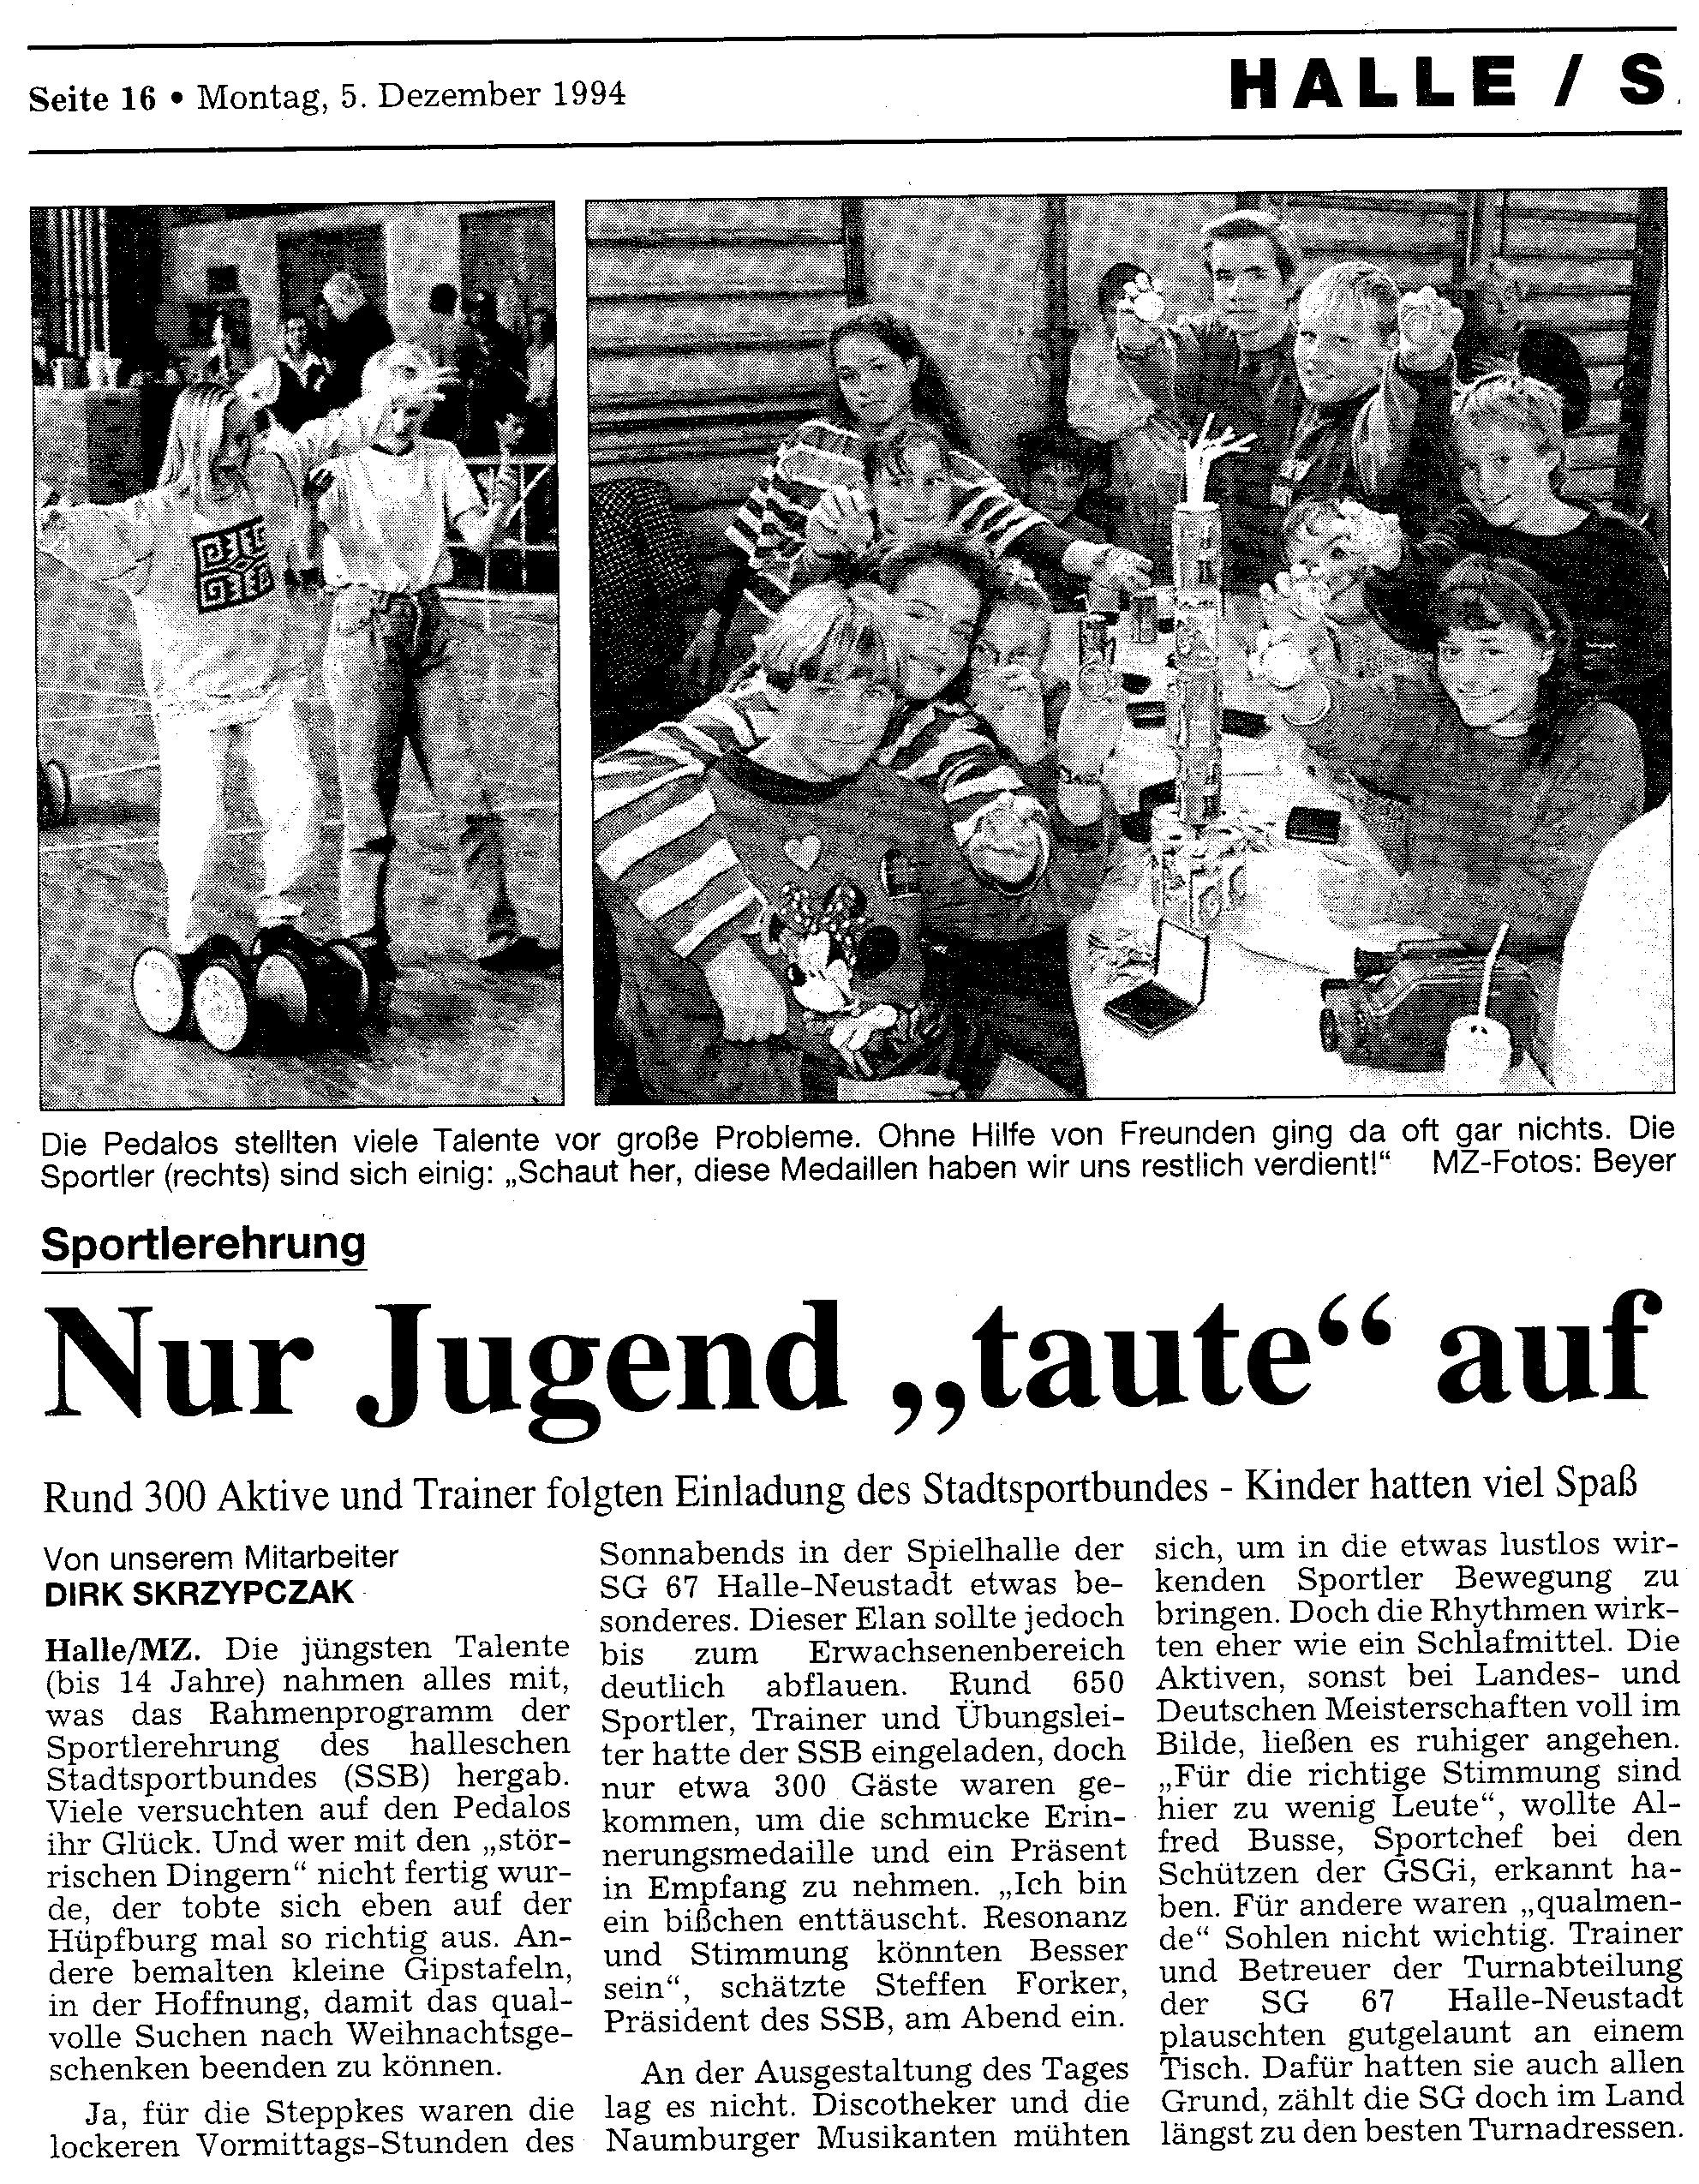 1994-12-05 MZ Nur Jugend taute auf